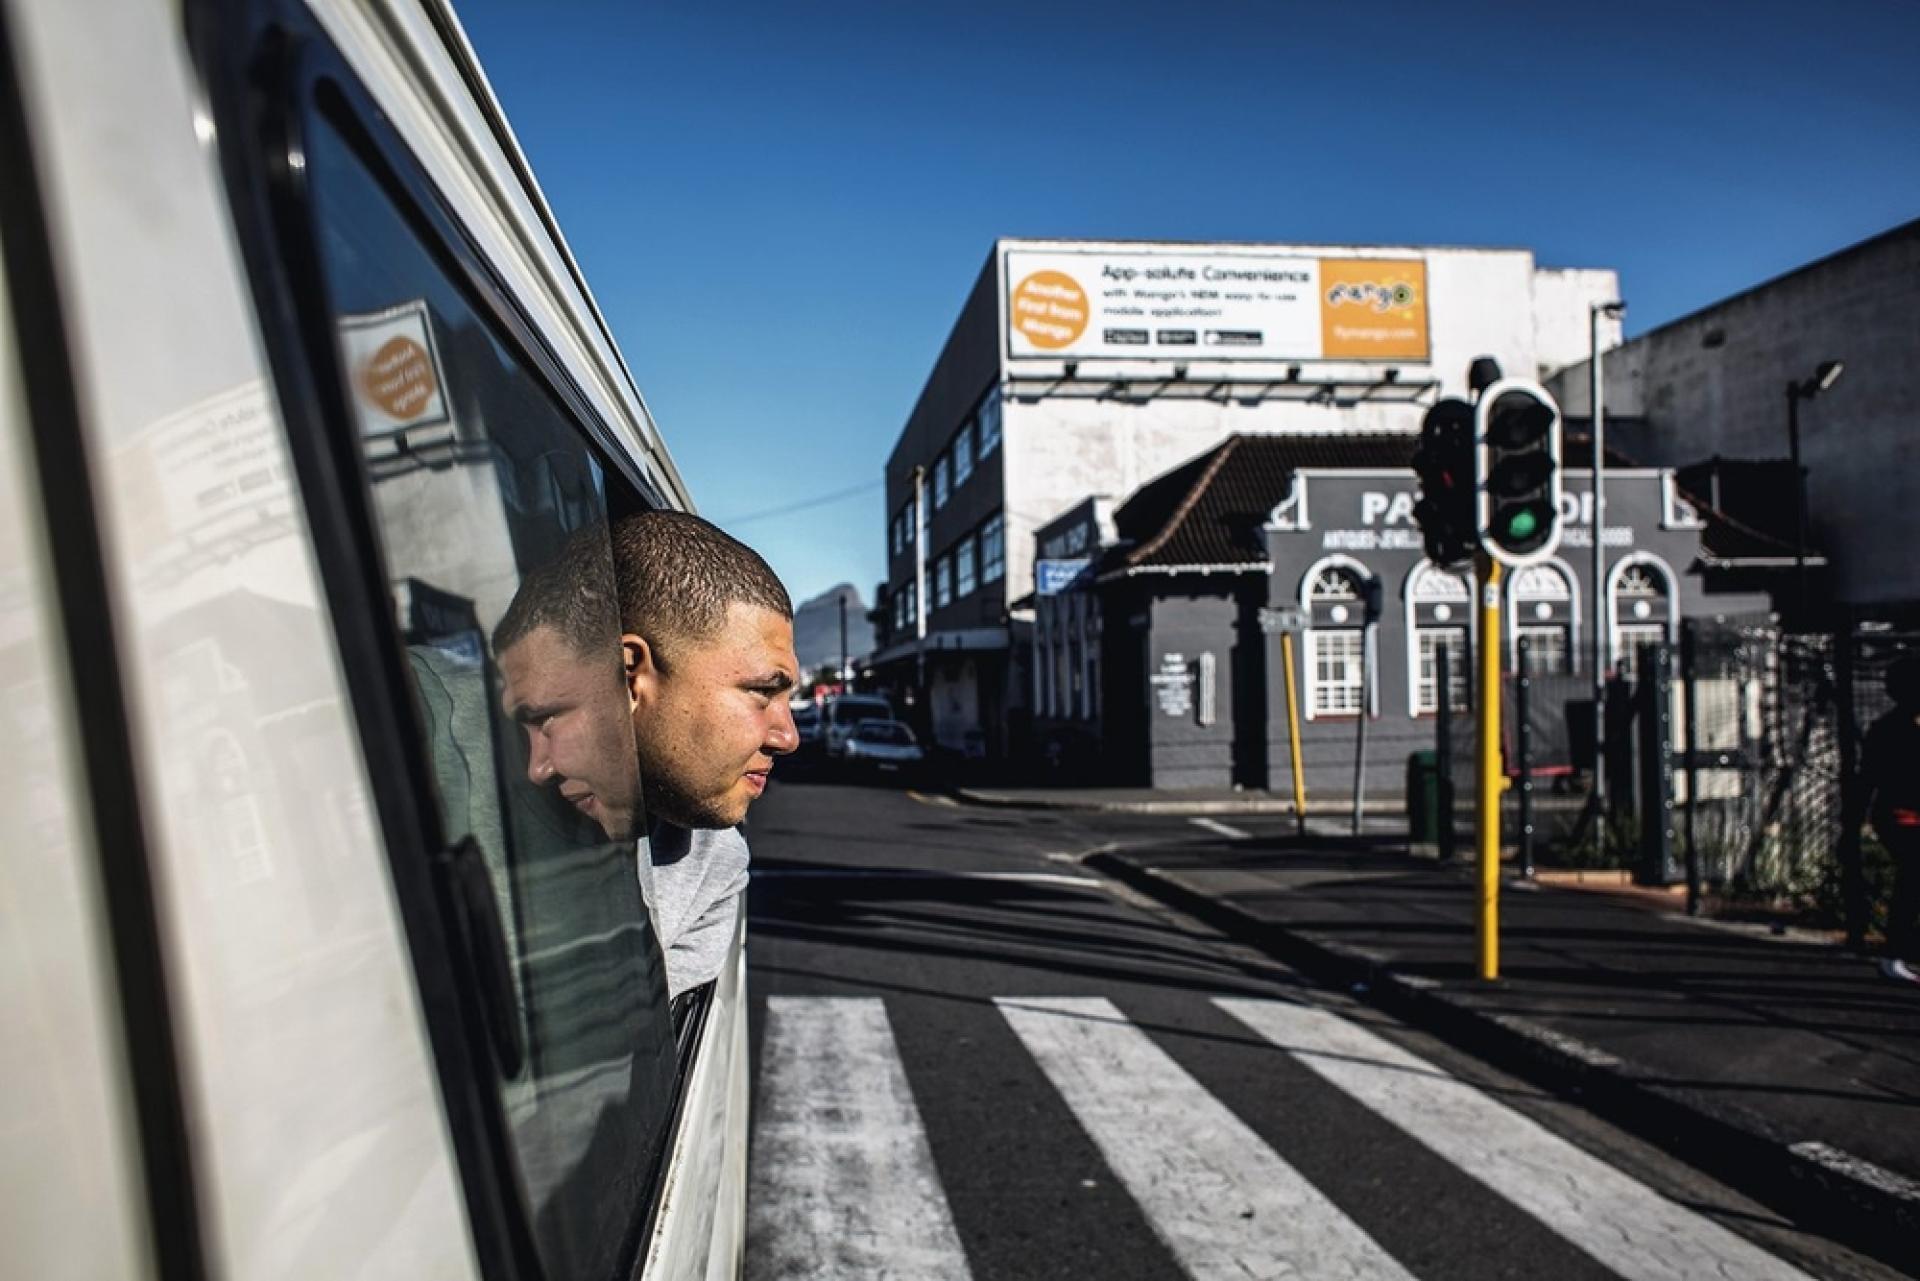 Mario Romario, 21 ans, travaille avec son père Louie, chauffeur dans le quartier de Kensington. Il récolte l'argent, attribue les places libres et attire les clients en les hélant ou en les klaxonnant.